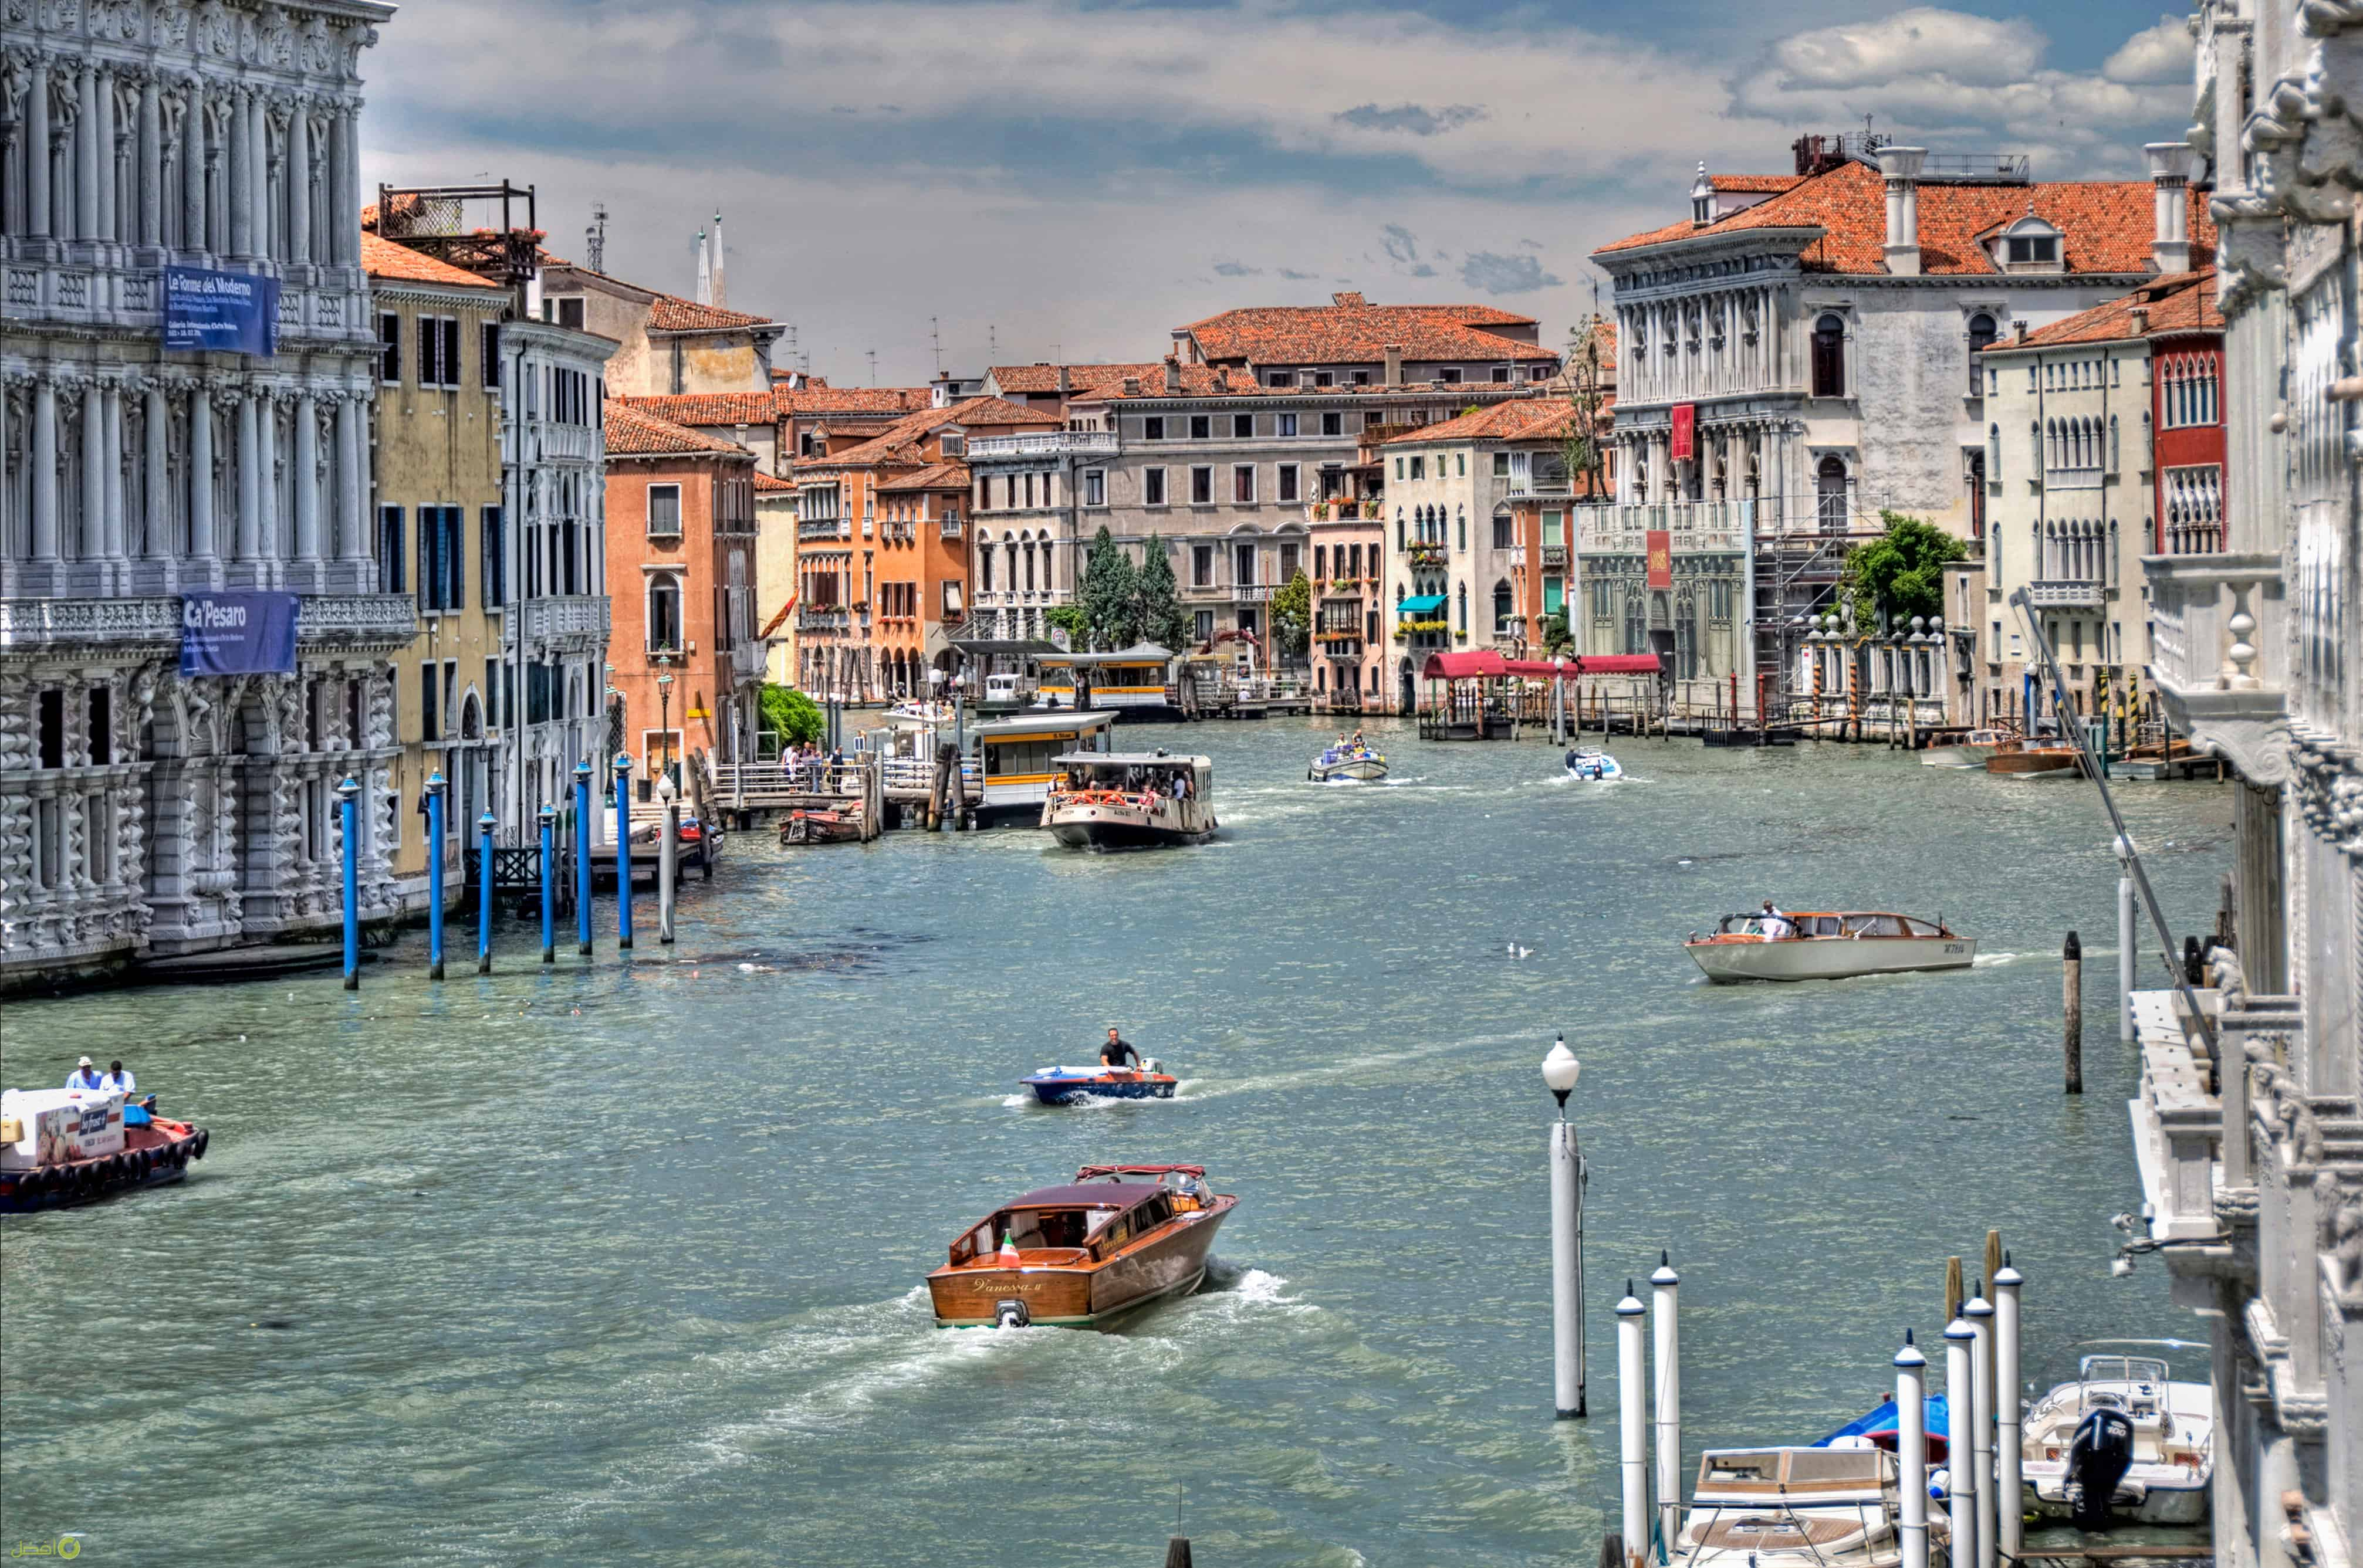 القنال الكبيرة في البندقية من أهم الاماكن السياحية في فينيسيا